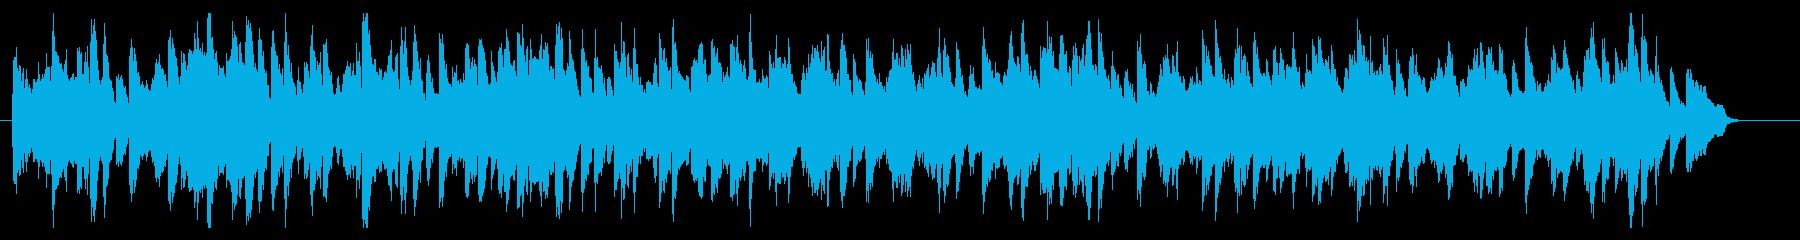 ブラームスのワルツをヴァイオリンでの再生済みの波形